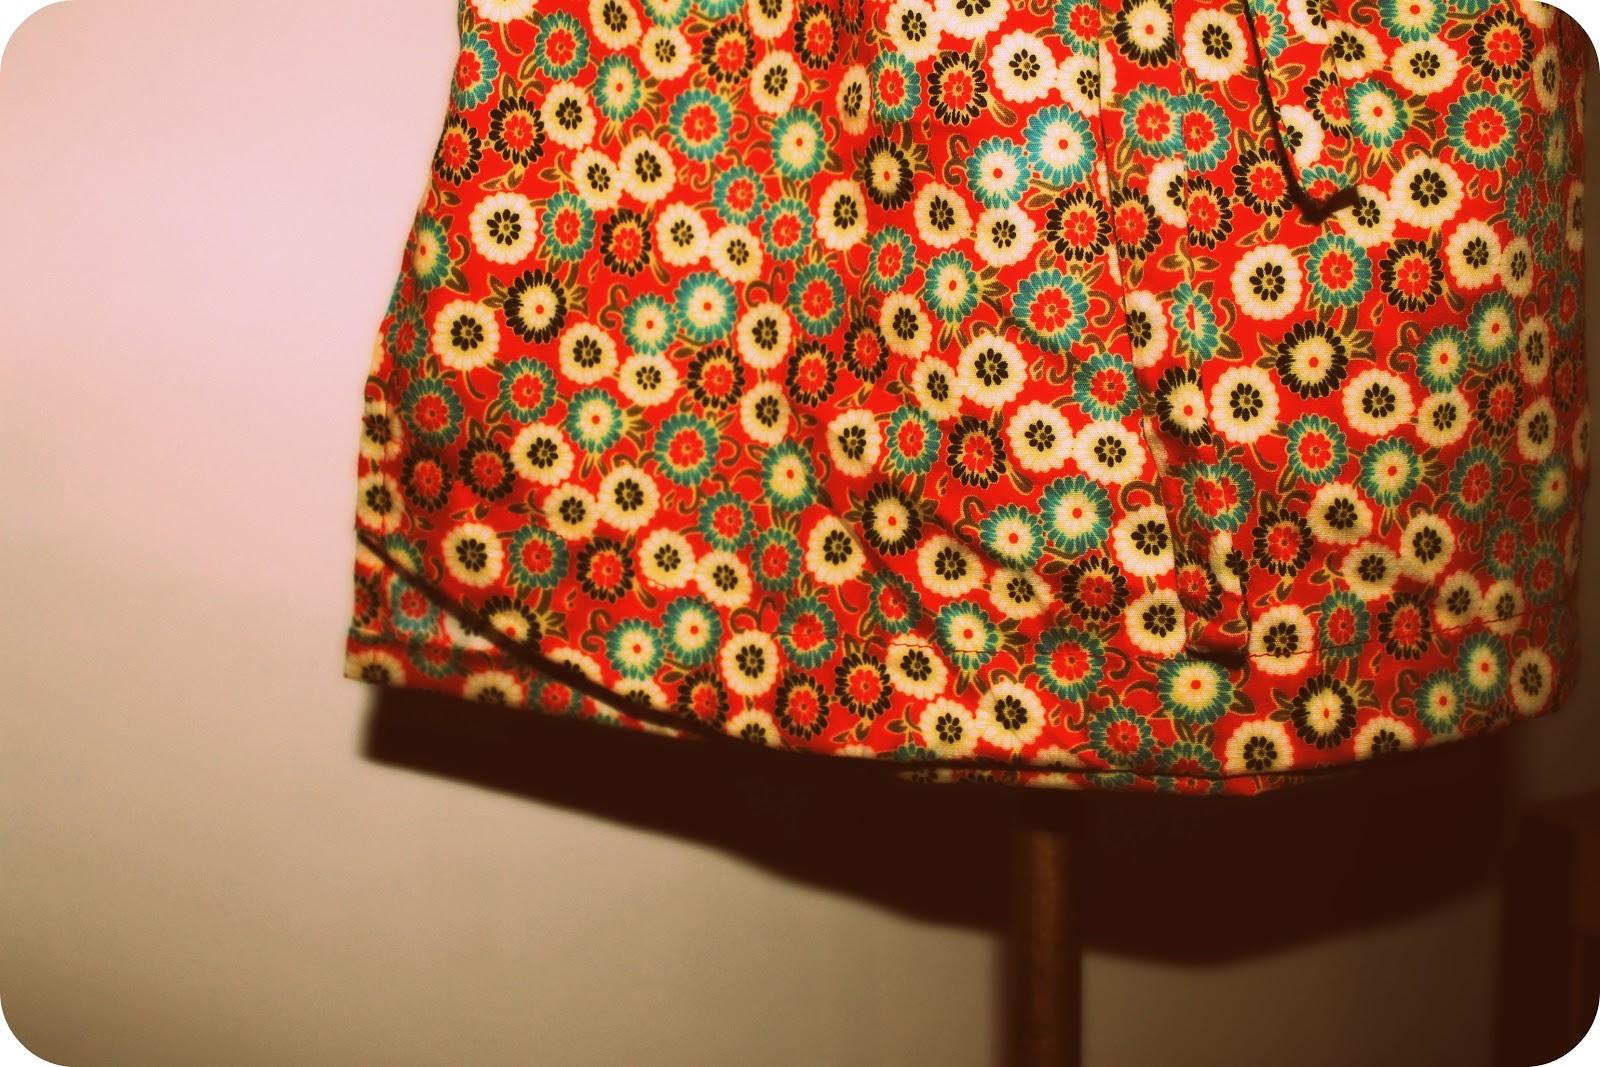 La fille de la culotte: december 2012